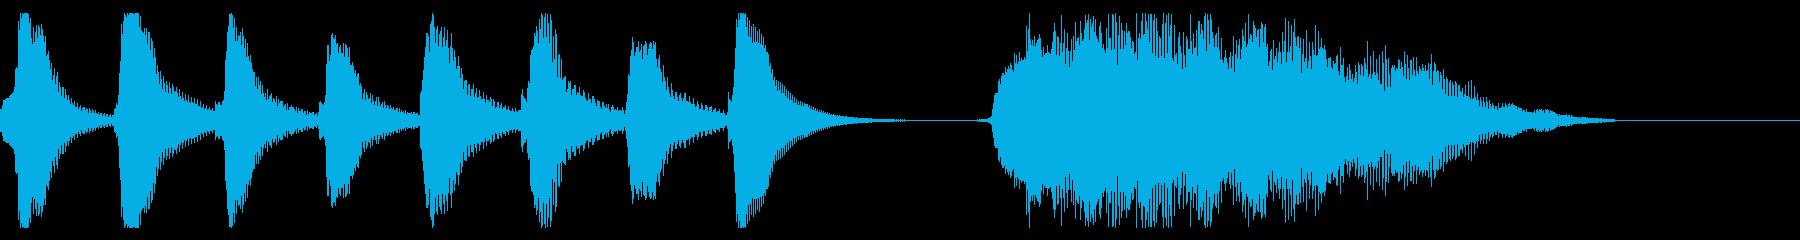 マリンバと鍵盤ハーモニカのジングルの再生済みの波形